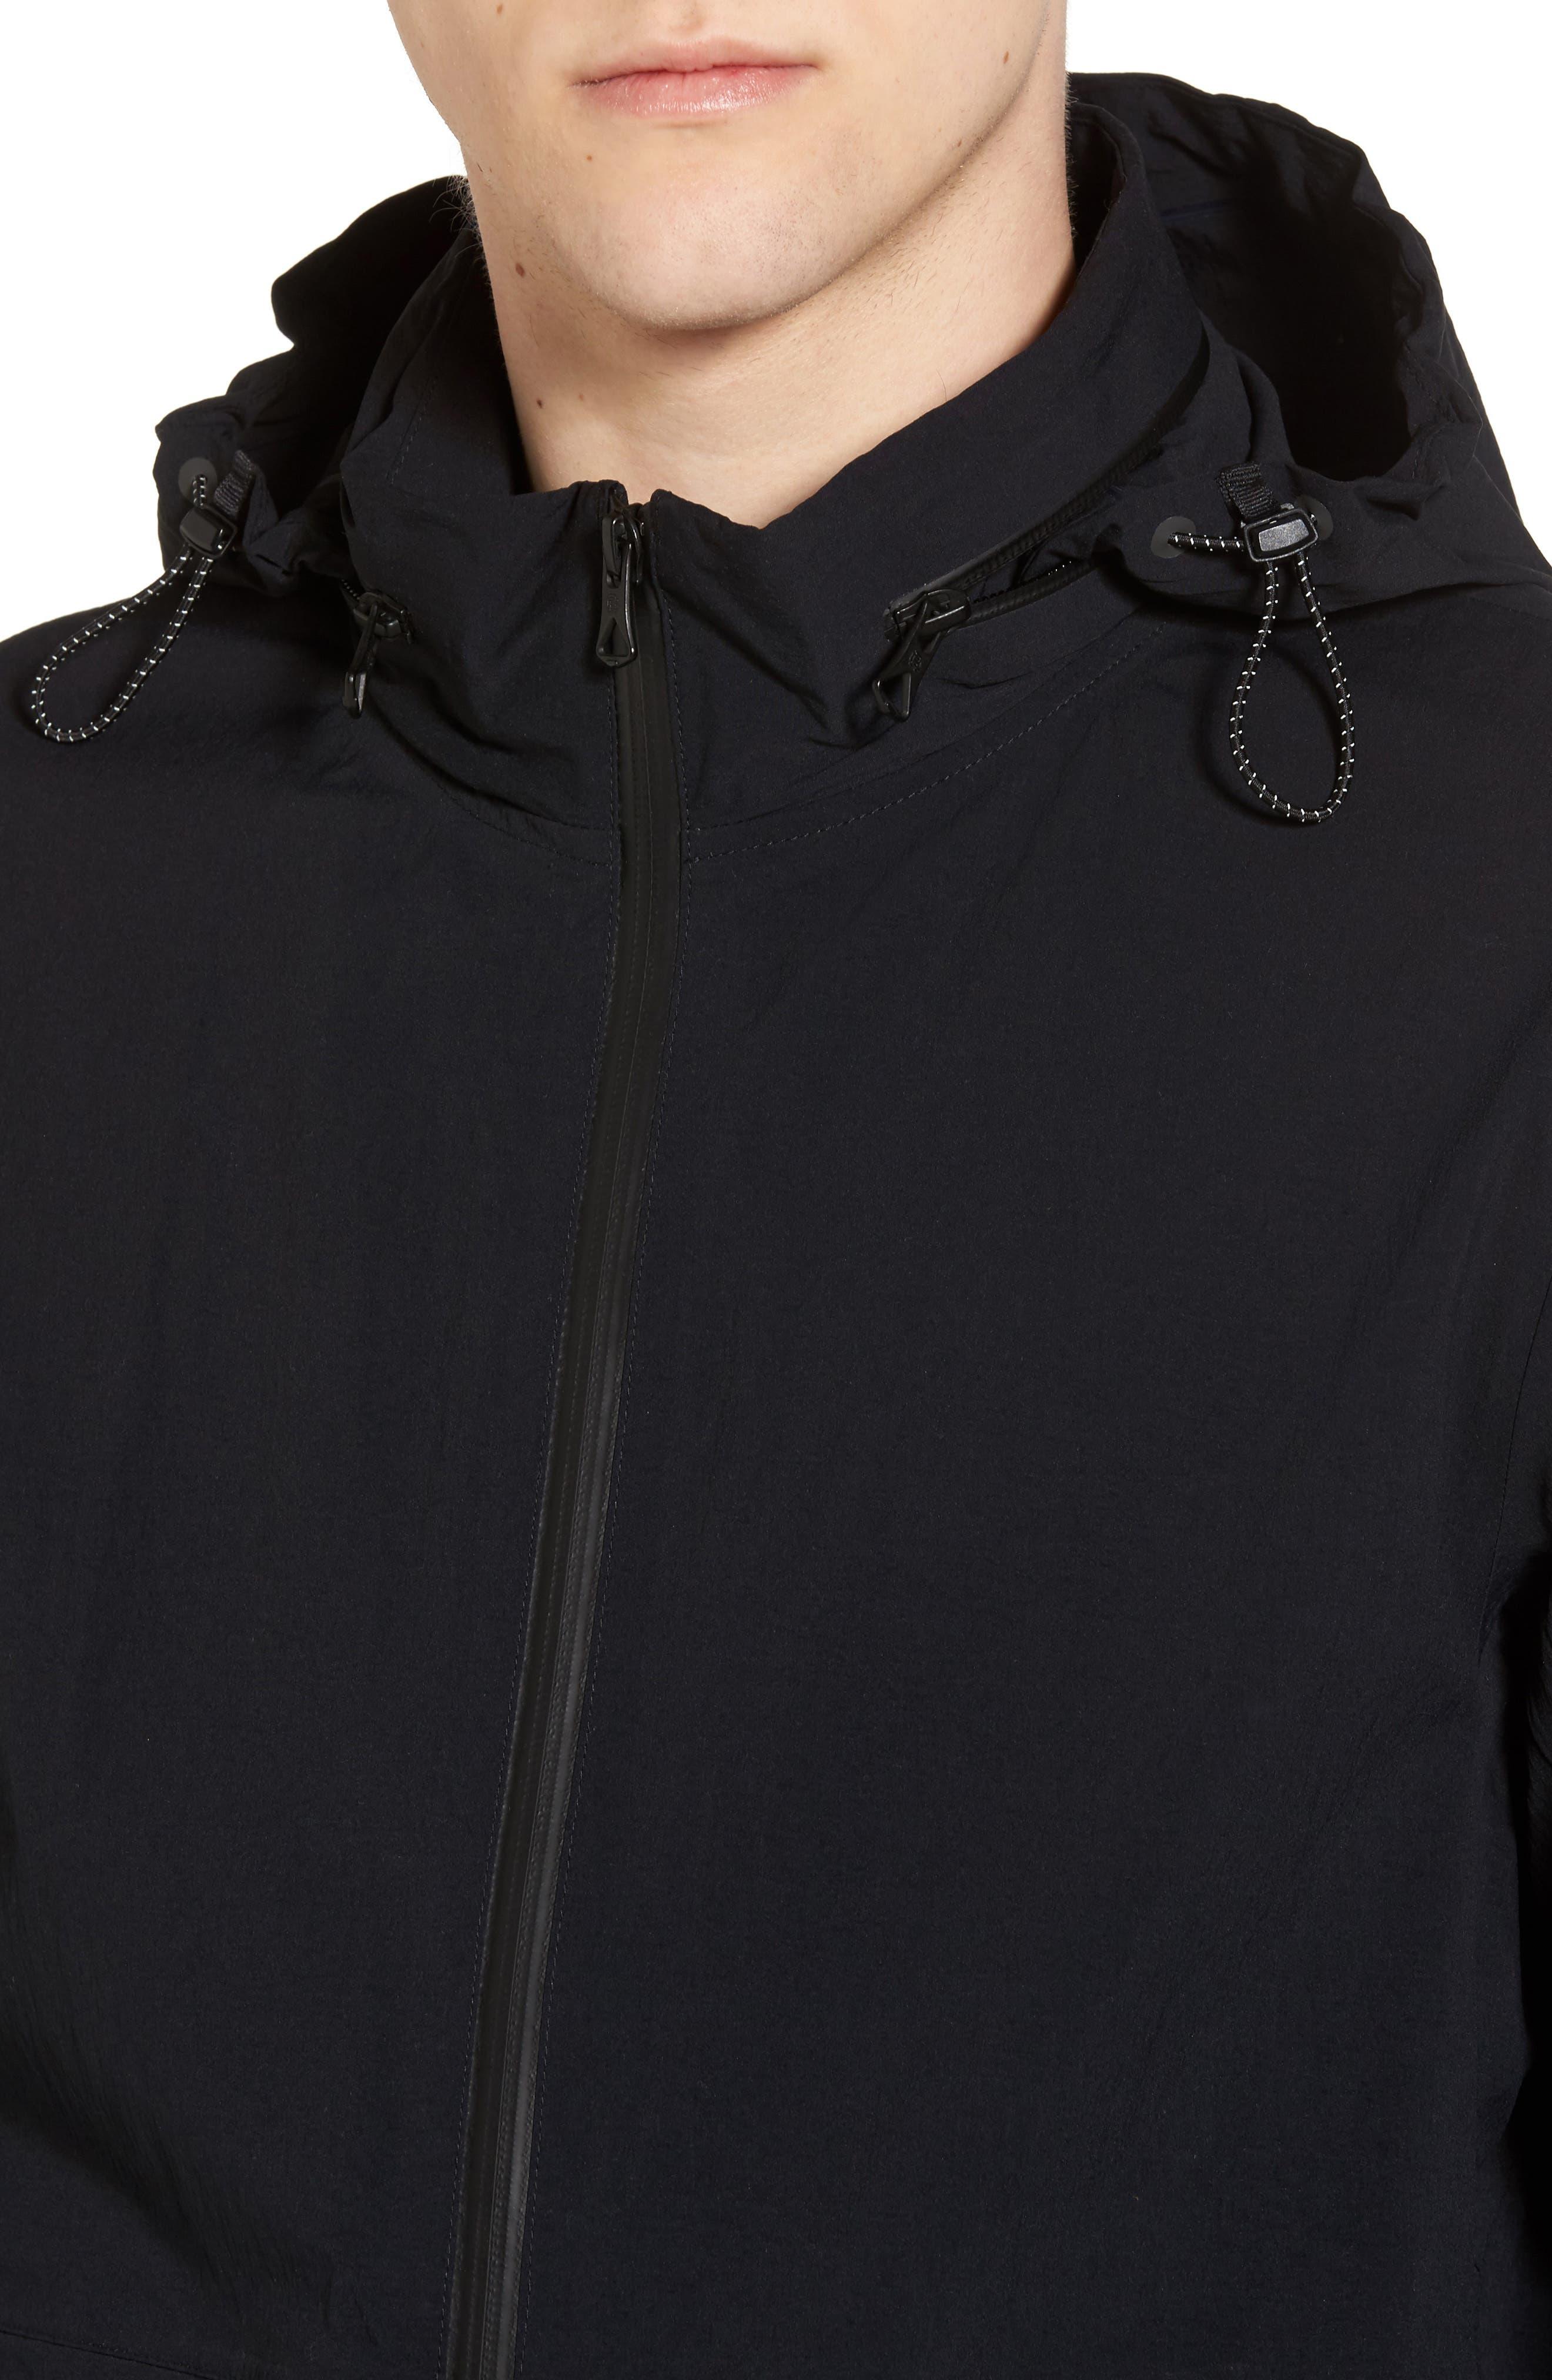 Stow Away Hood Waterproof Jacket,                             Alternate thumbnail 4, color,                             001